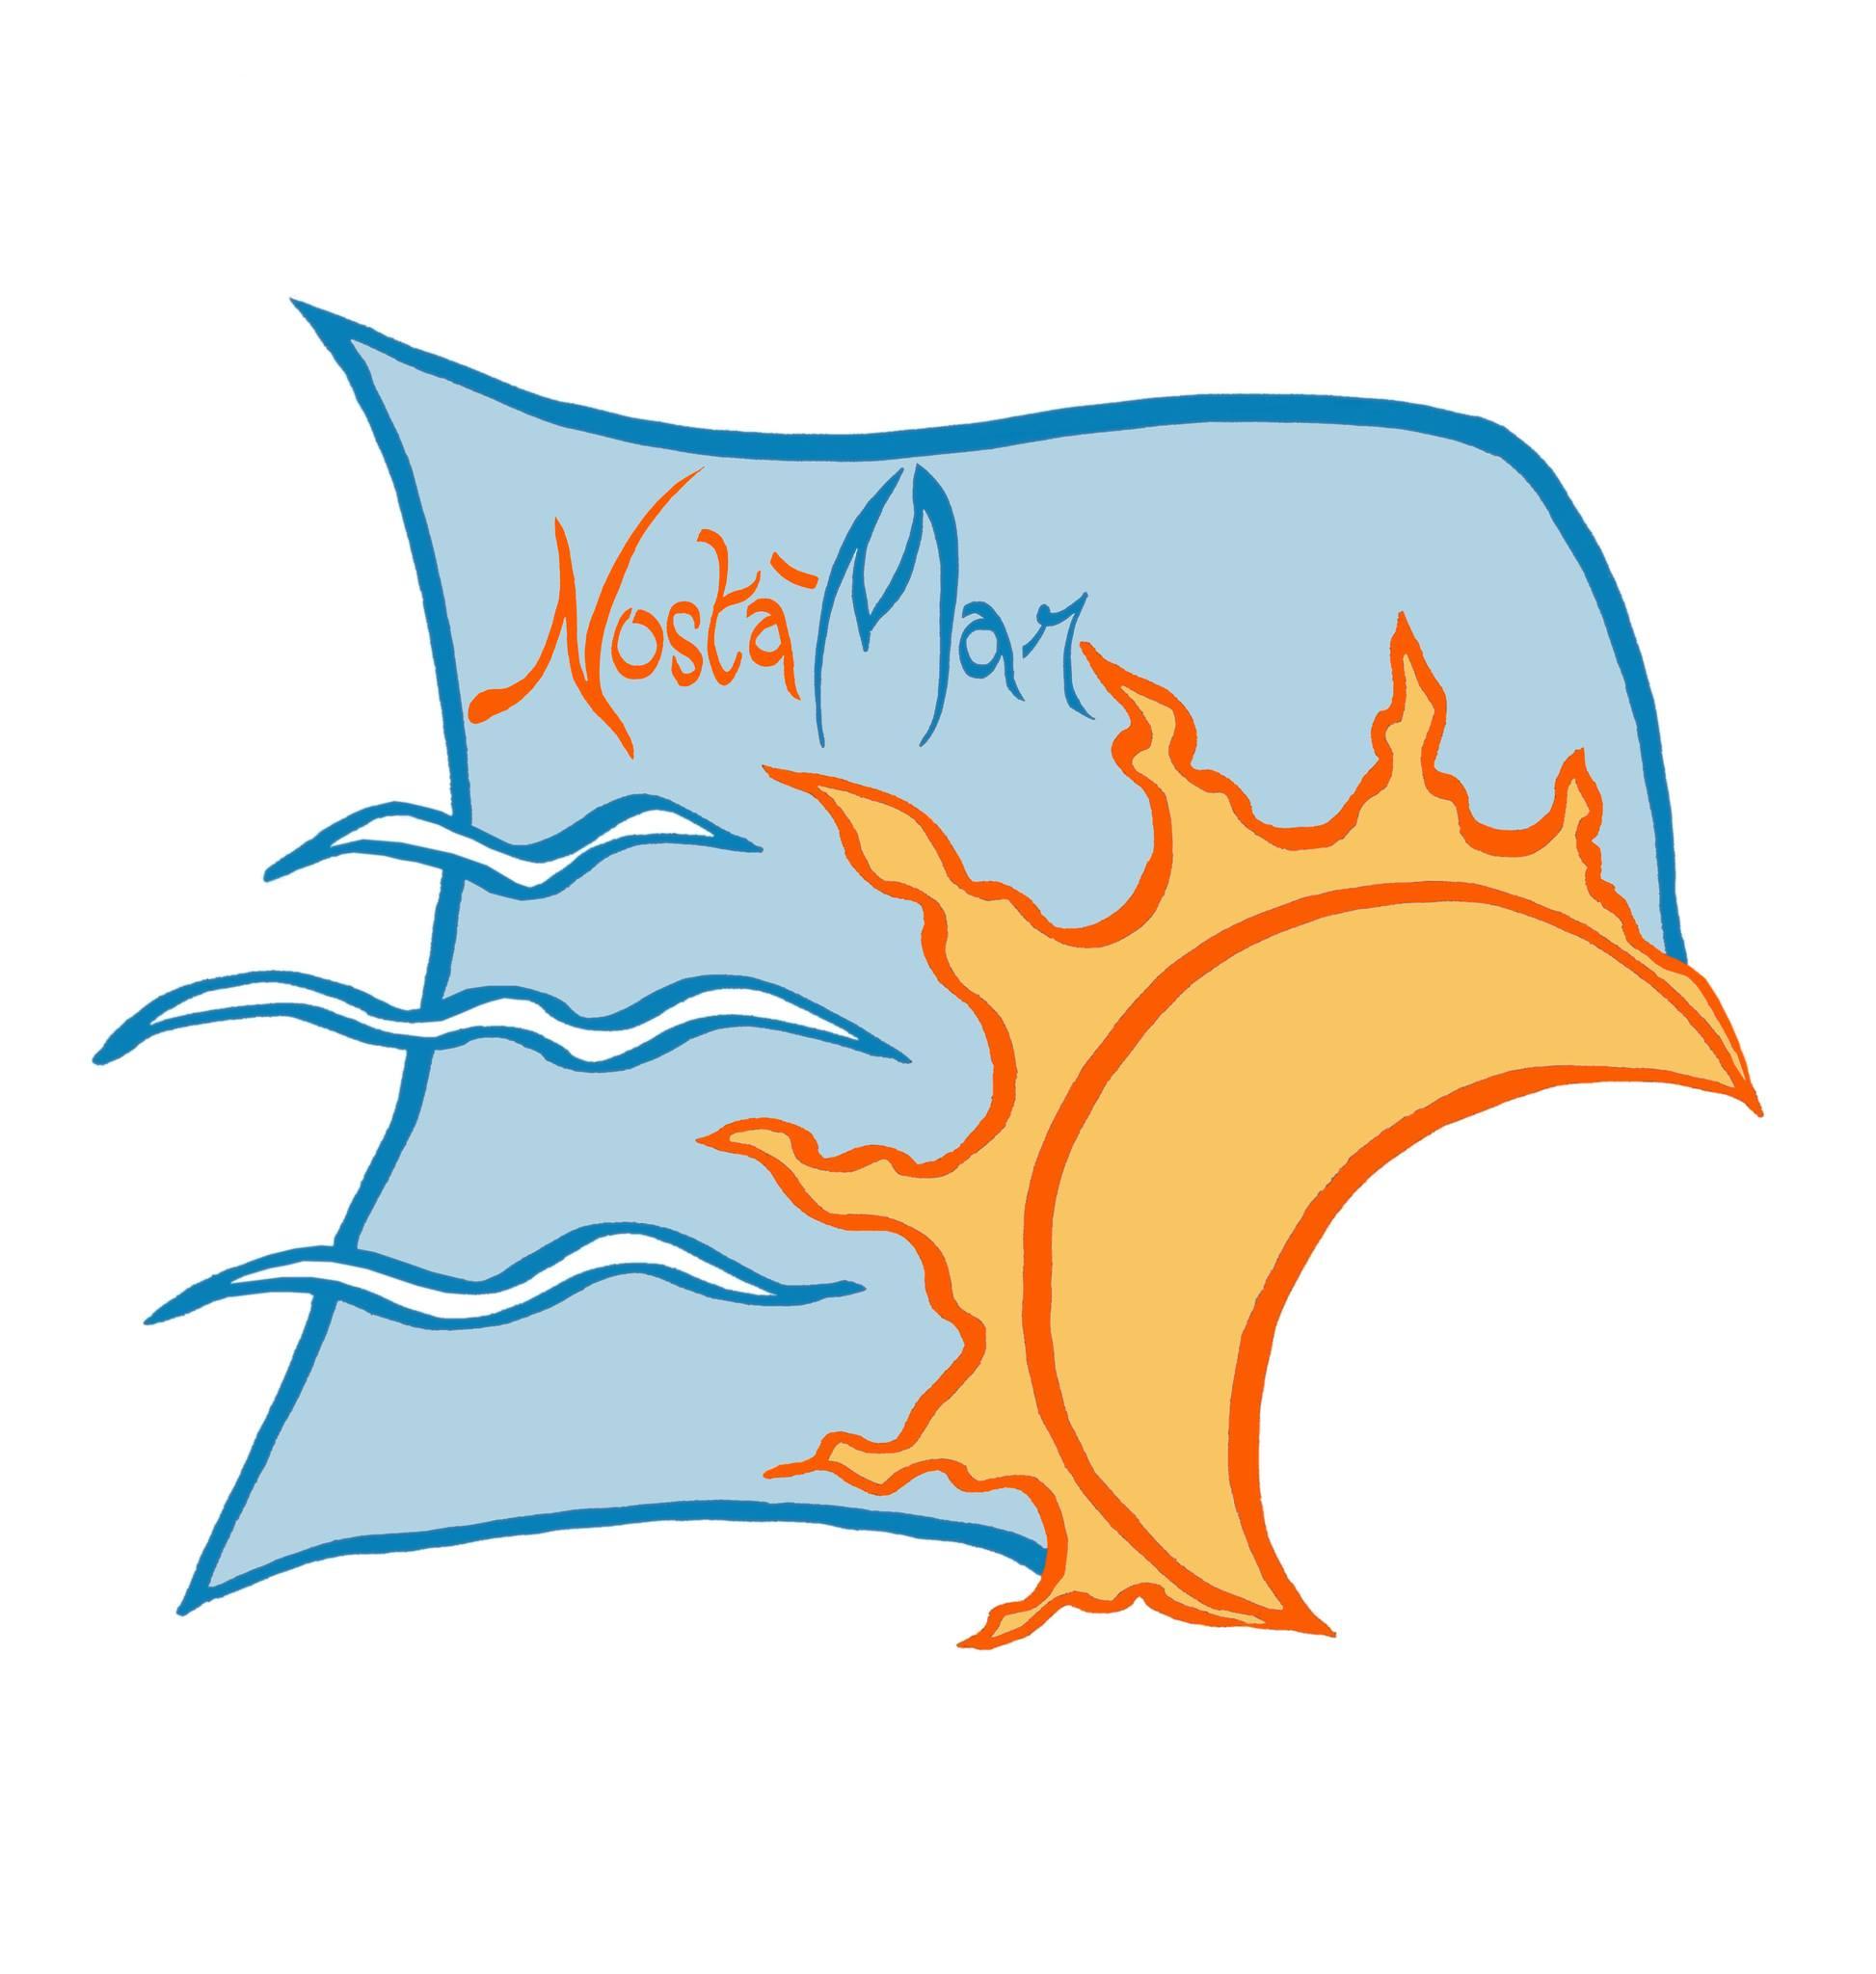 Nostà mar